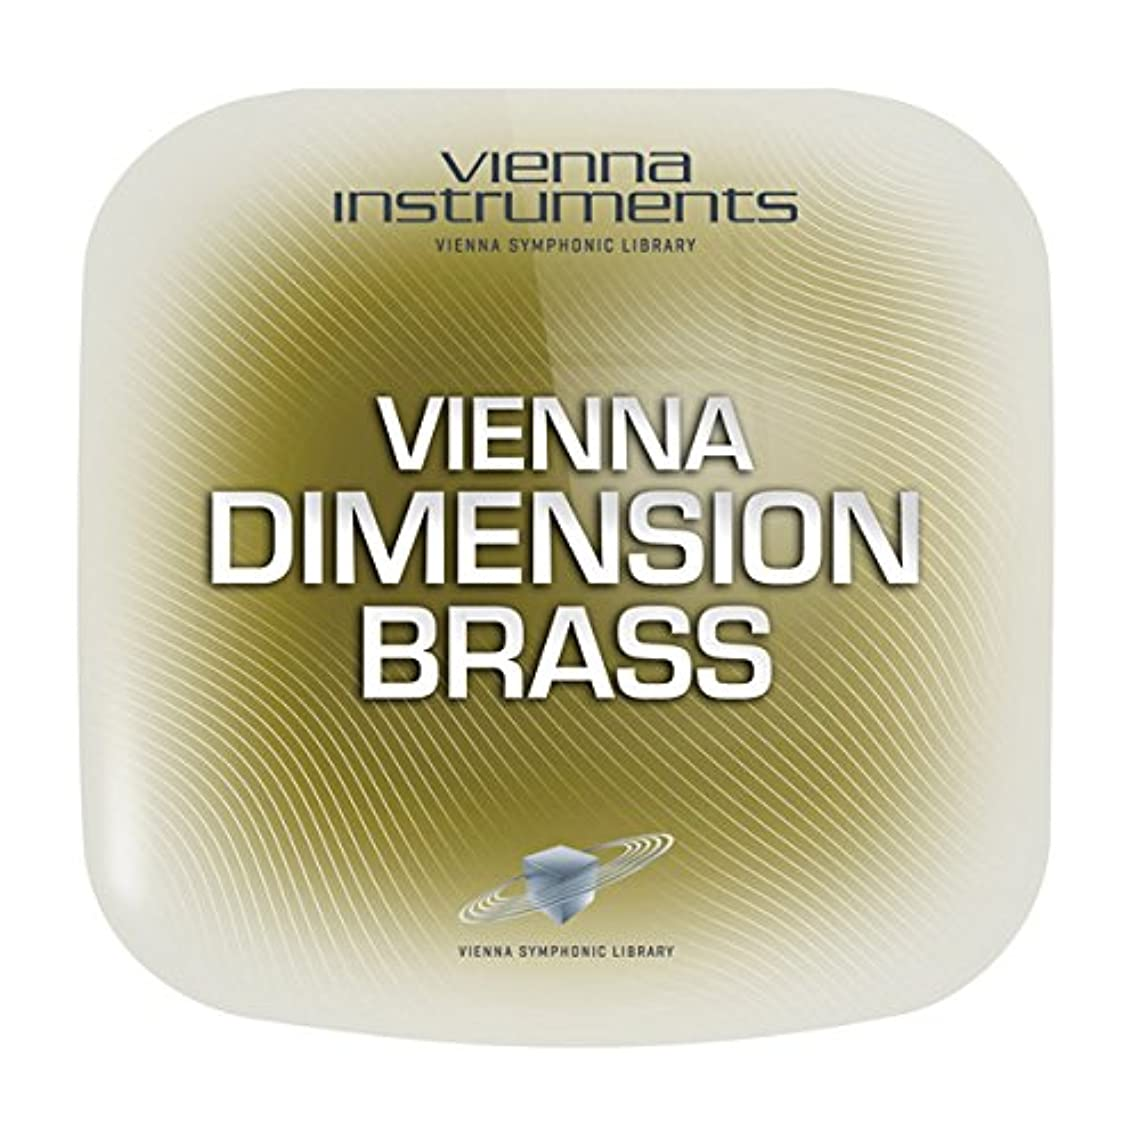 スケートロール喜劇VIENNA DIMENSION BRASS ブラス専用音源 プラグインソフト (ビエナ) 国内正規品 ダウンロード版